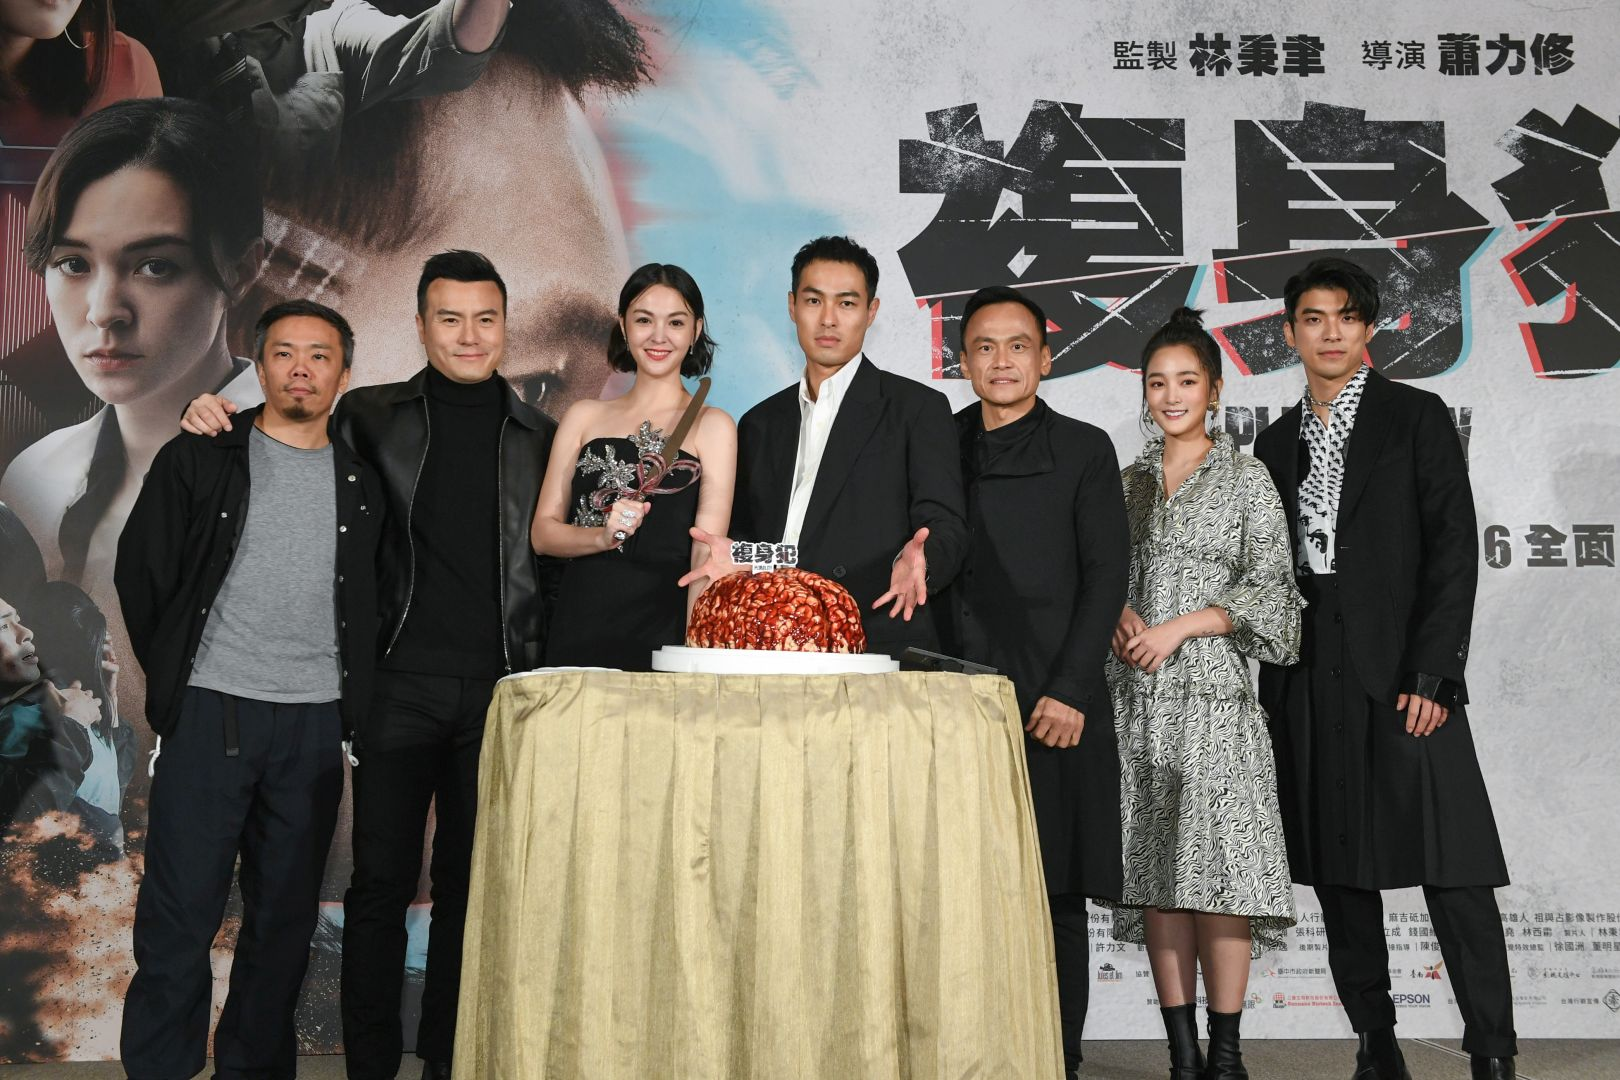 《複身犯》記者會左起為導演蕭力修、主演李銘忠、張榕容、楊祐寧、陳以文、王淨、林哲熹